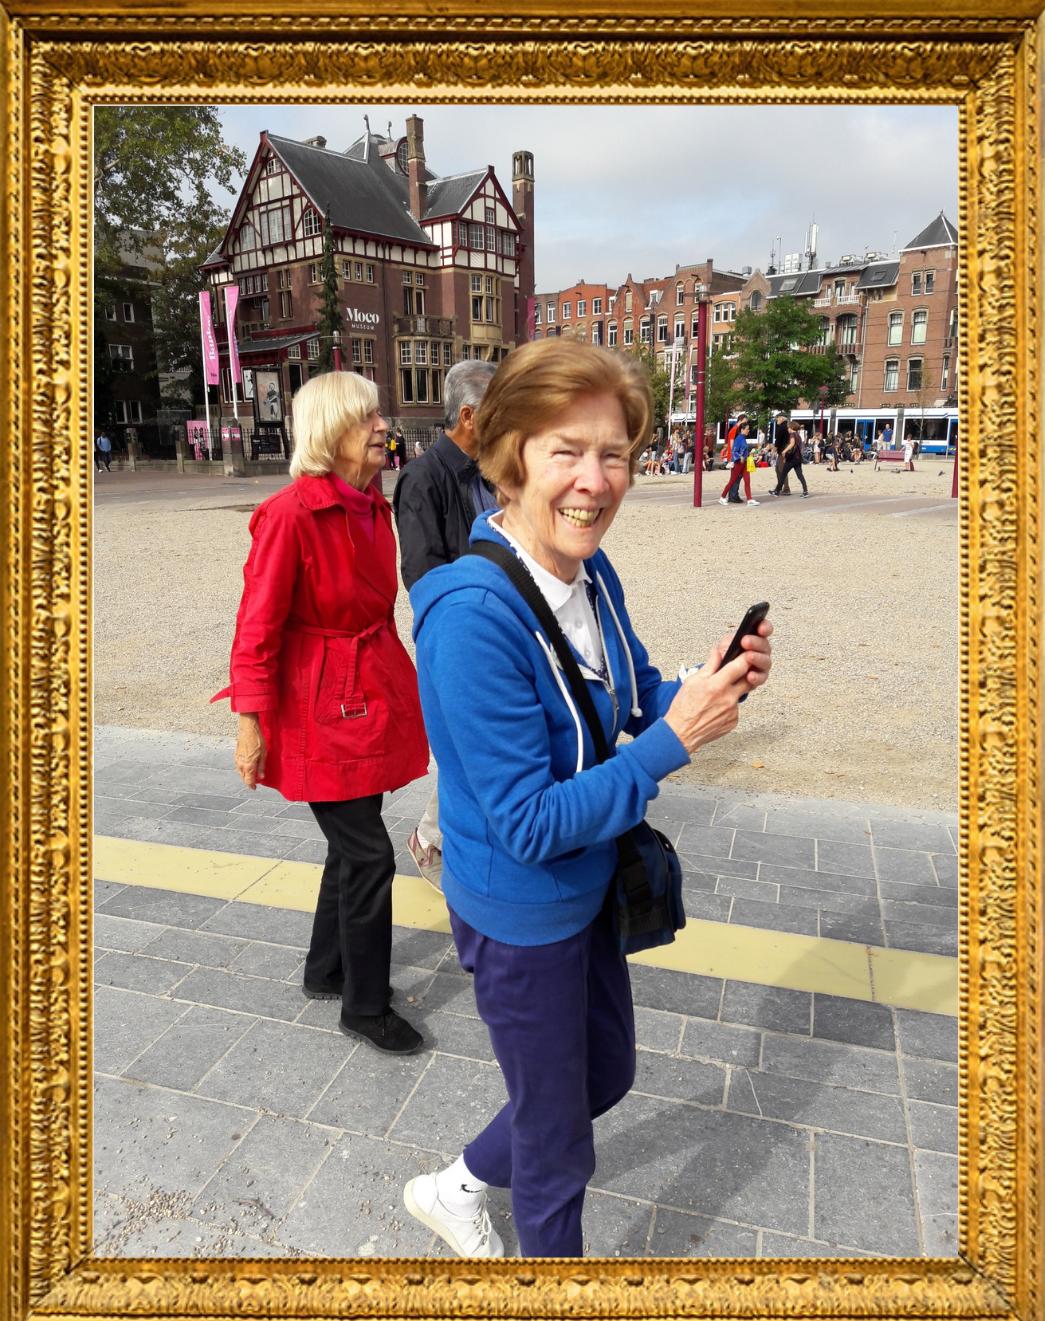 De Dementievriendelijke Buurt - Door de buurt flaneren Buurtwerk Amsterdam